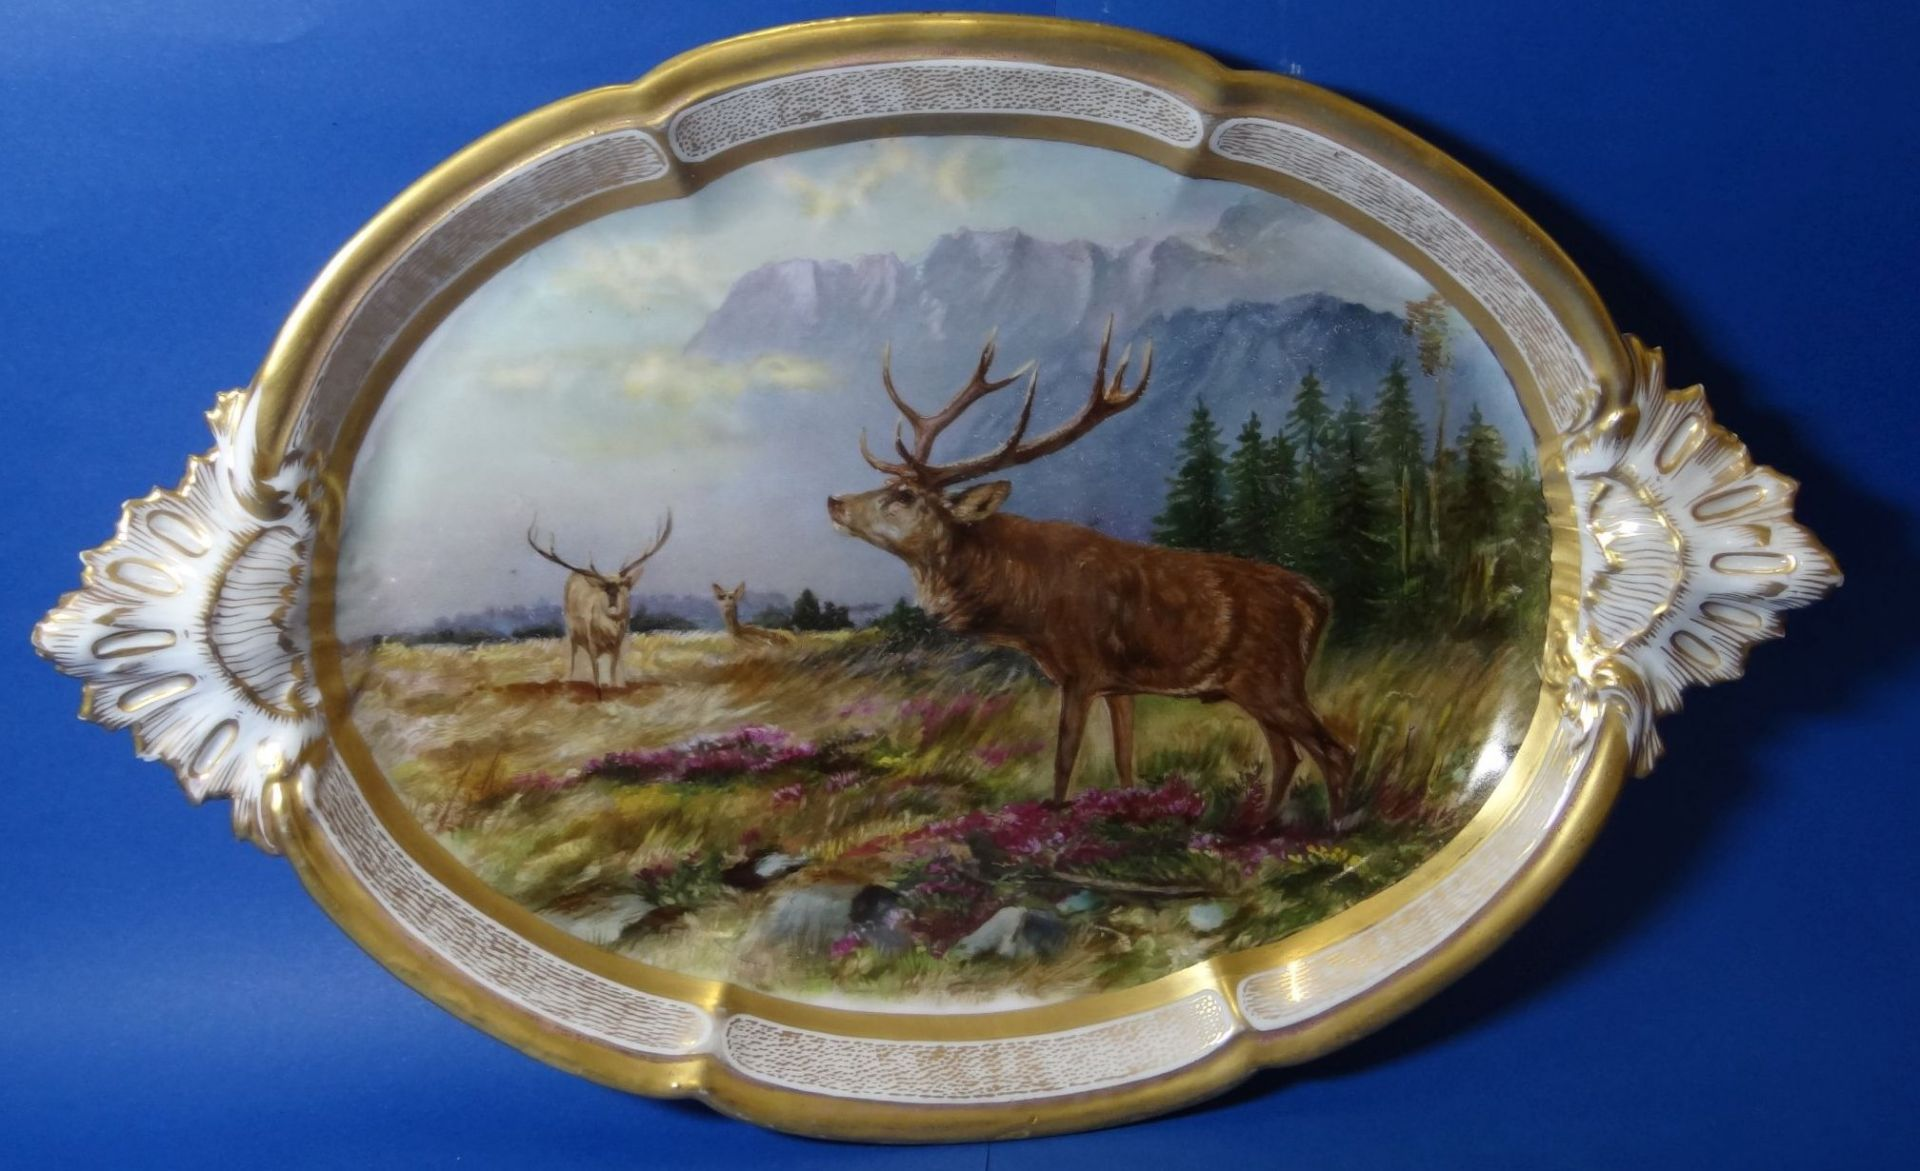 gr. ovale Platte, mit Hirsch-Gruppe,Goldstaffage, L-41 cm, B-27 cm - Bild 5 aus 7